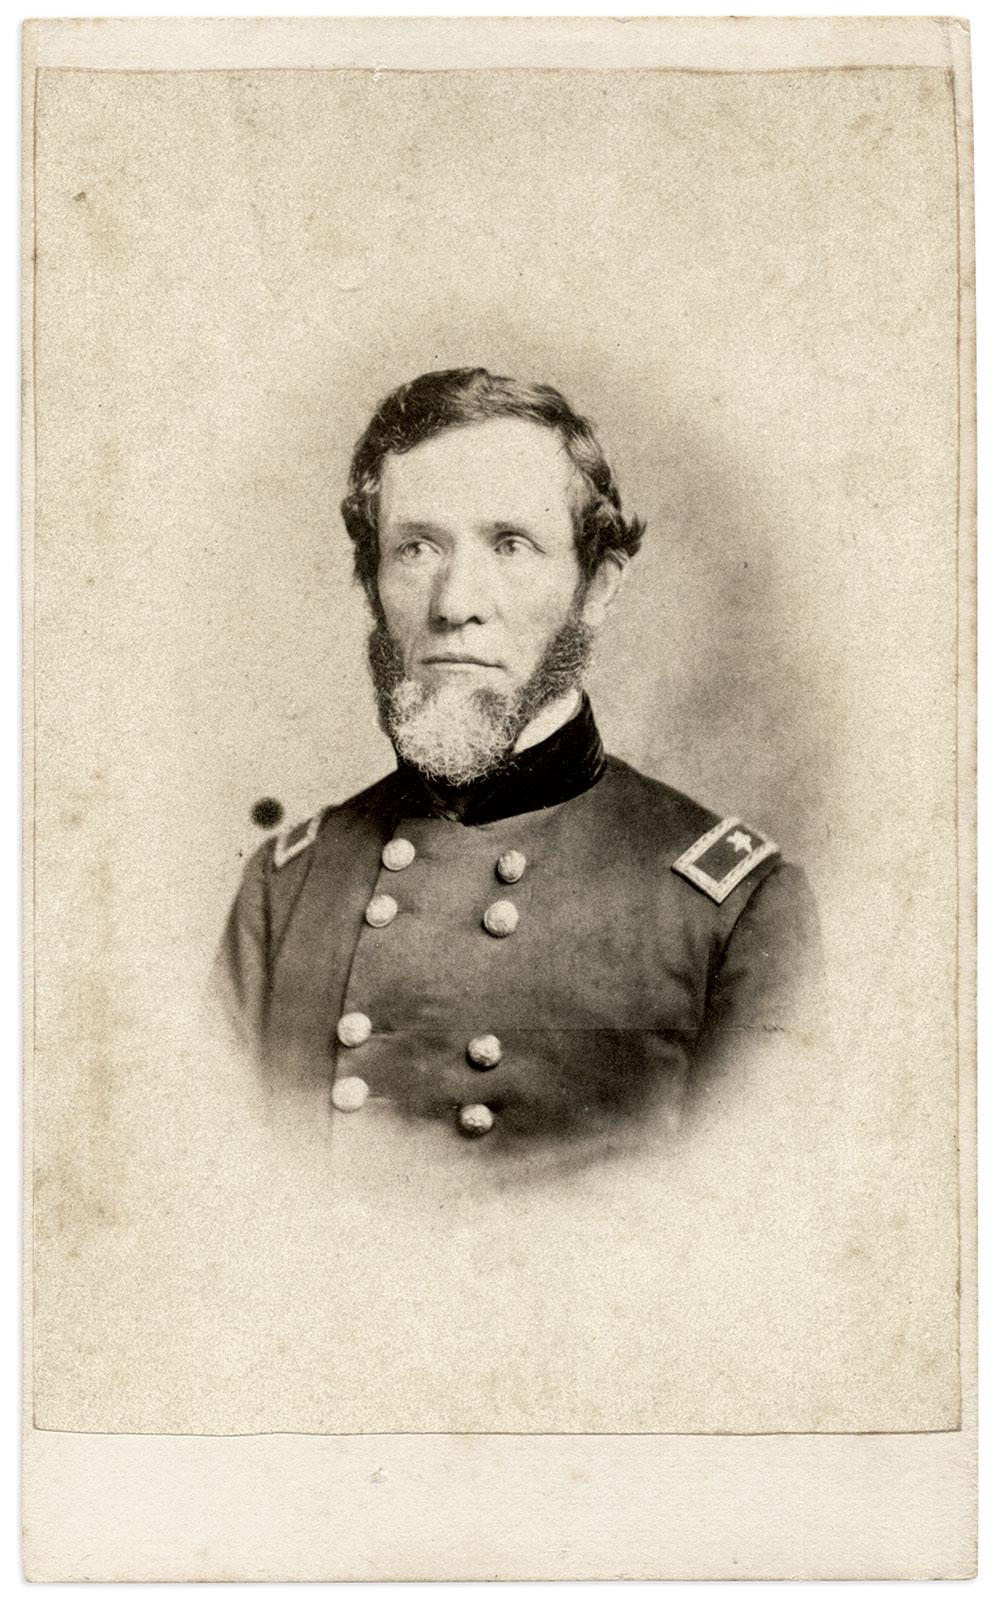 Q.M. Gen. Reuben C. Hale. Carte de visite by C.H. Spieler of Philadelphia, Pa. Marty Schoenfeld Collection.